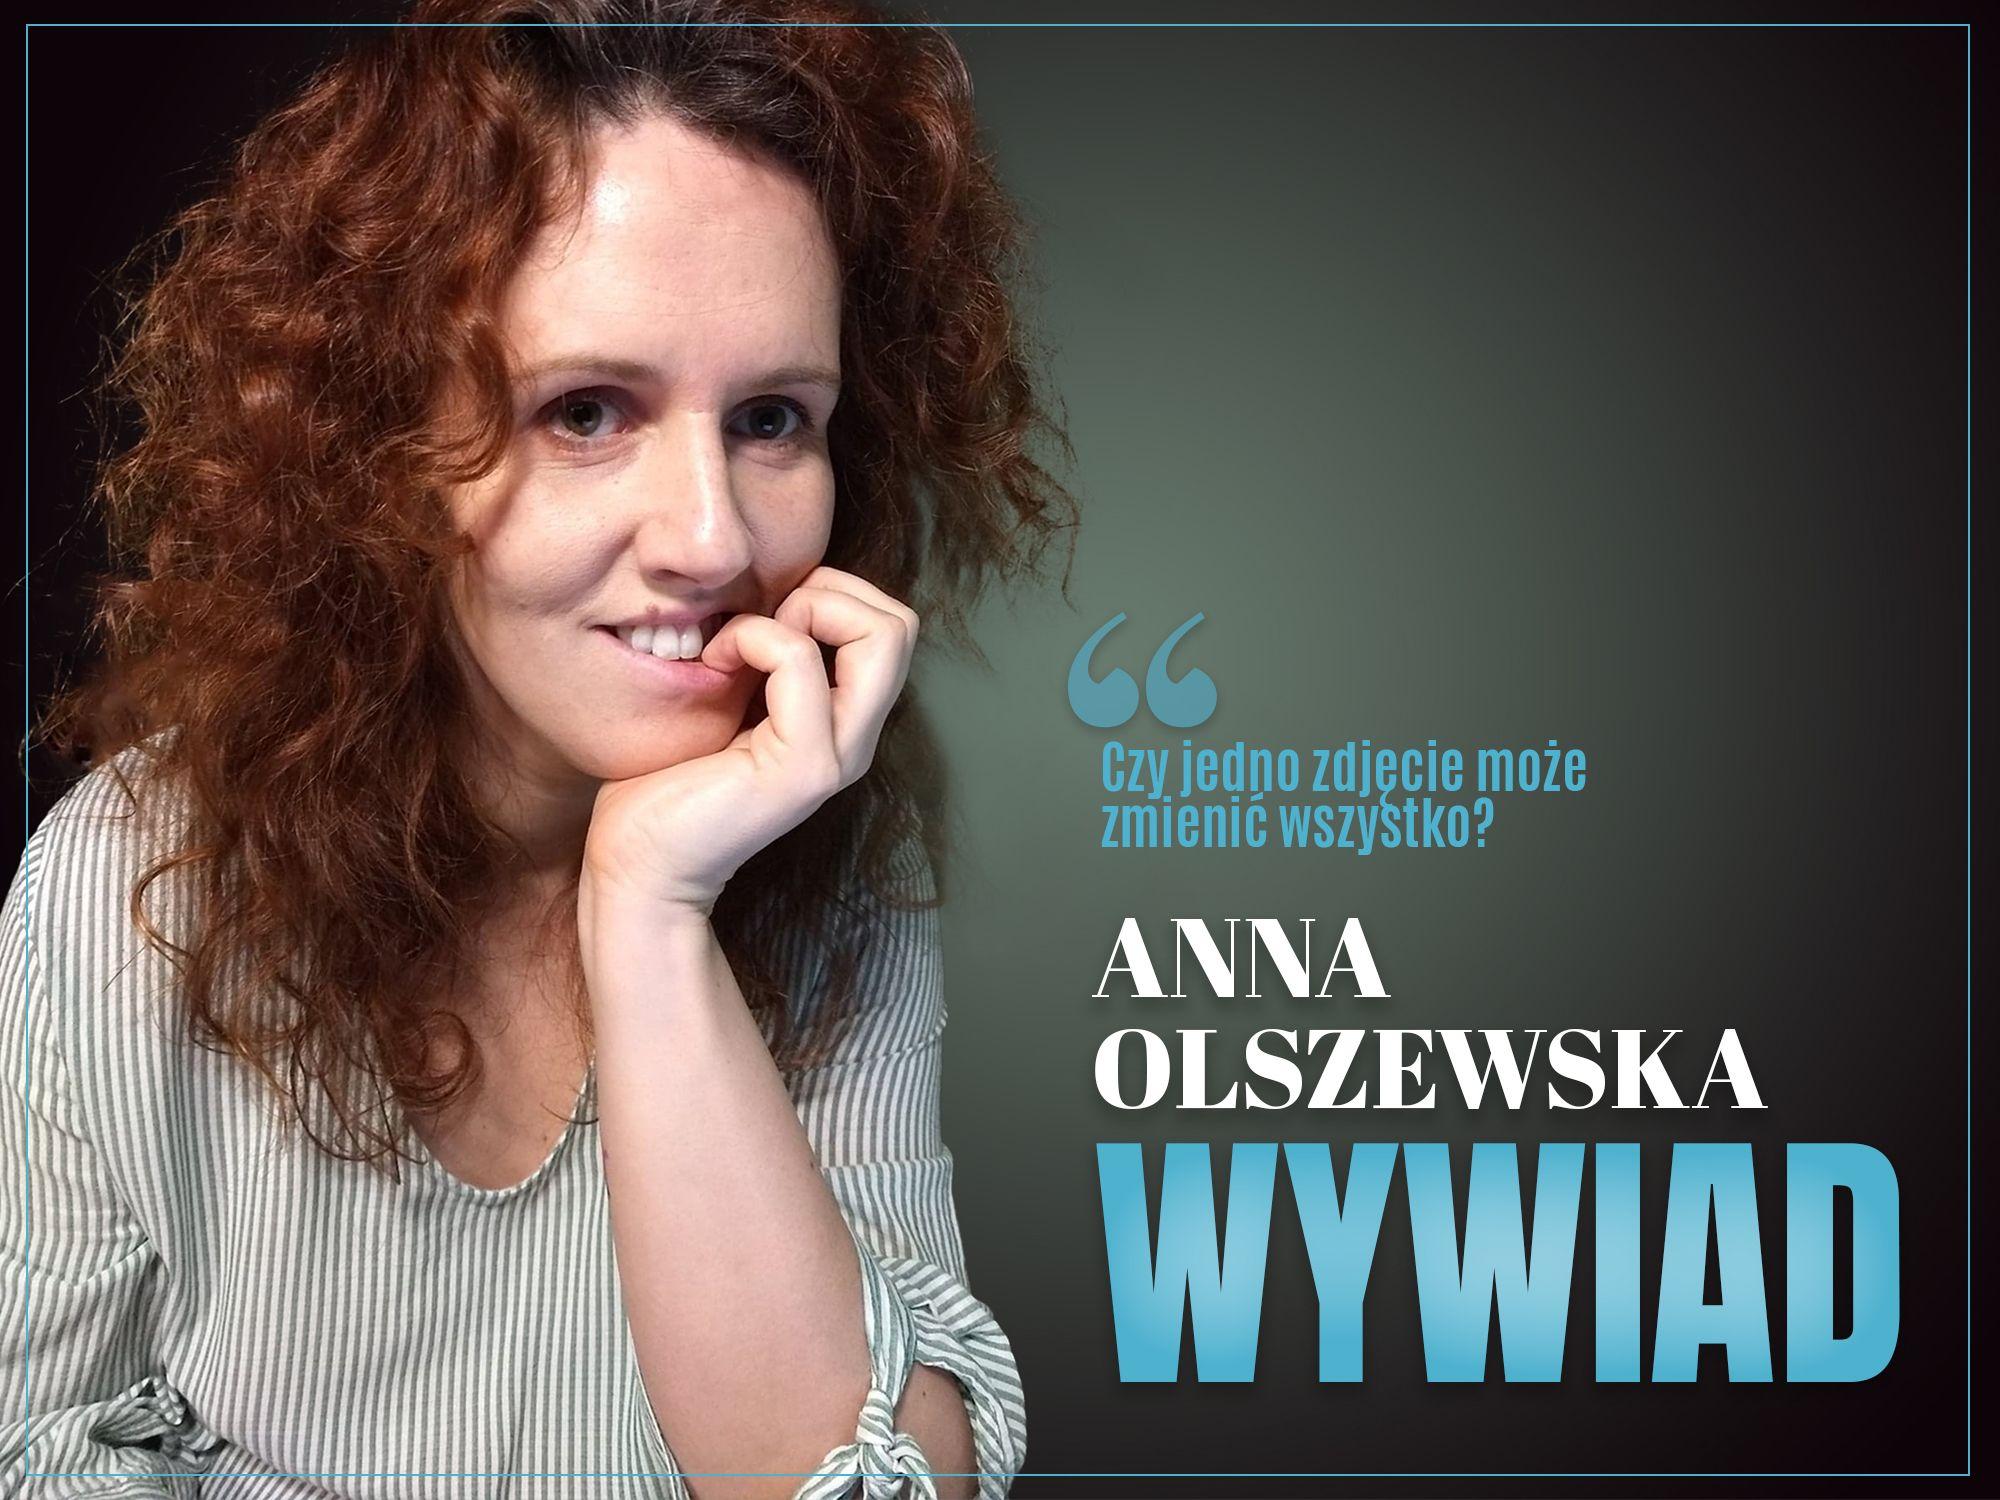 Anna Olszewska - WYWIAD, zaczytanyksia